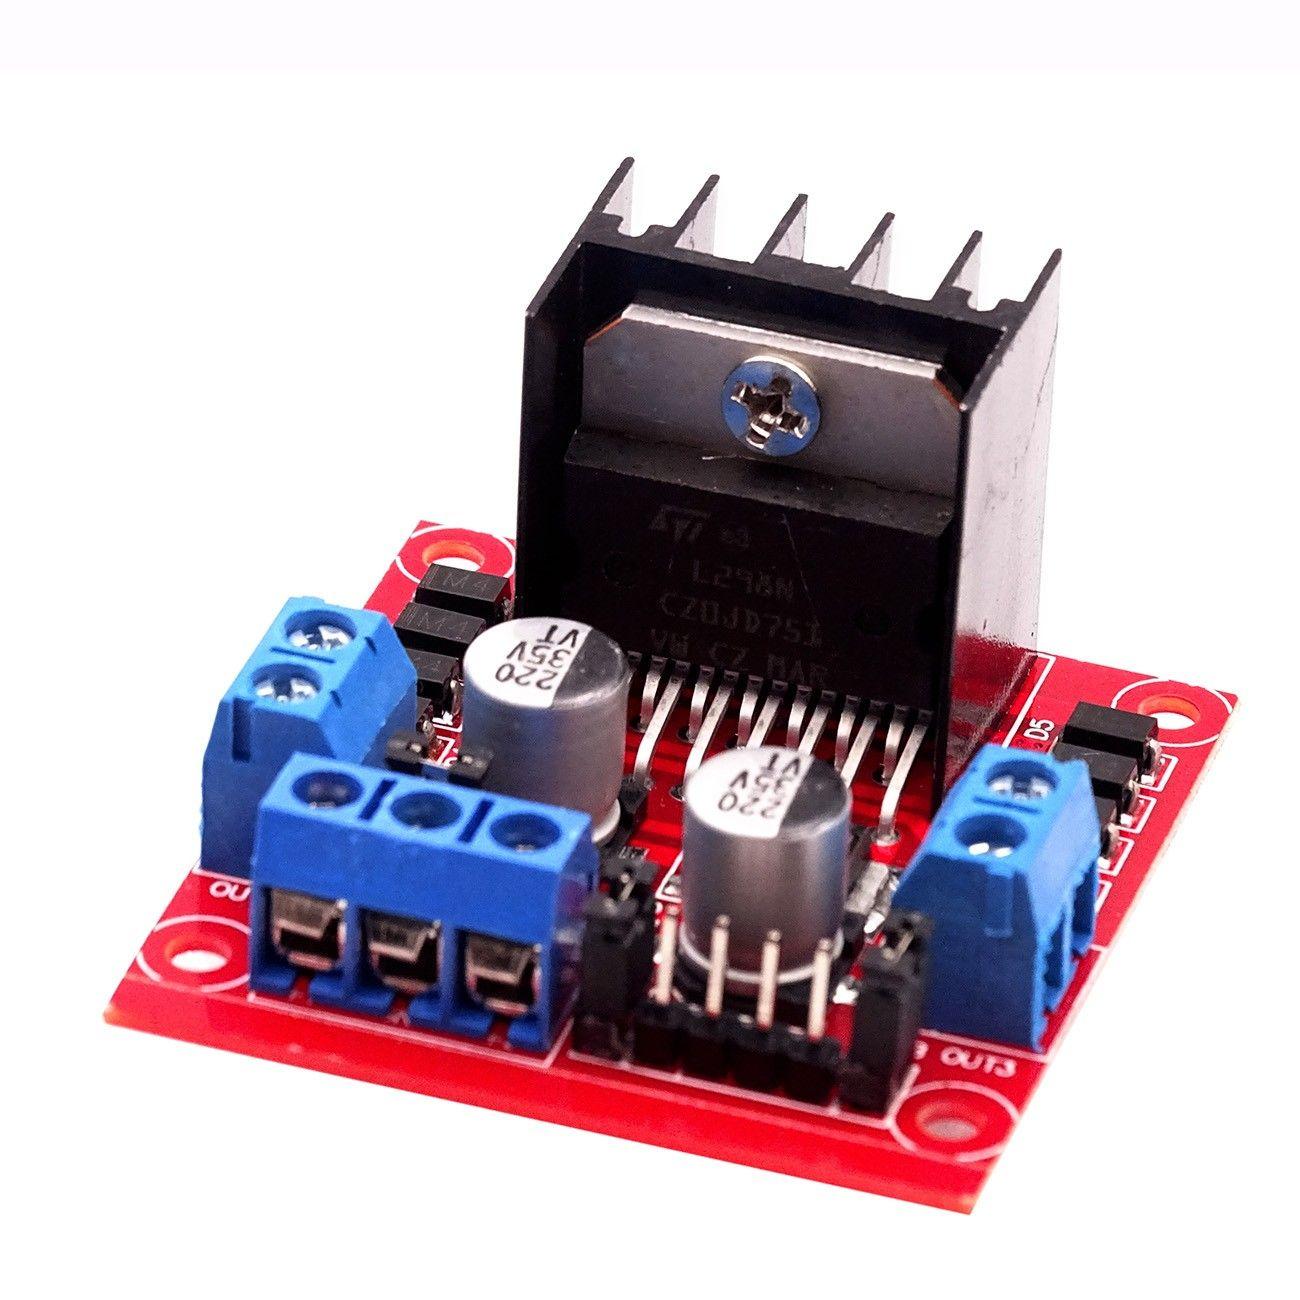 Drv8833 2 Canales Controlador de Motor de corriente continua Módulo Board 1.5a para Arduino ou